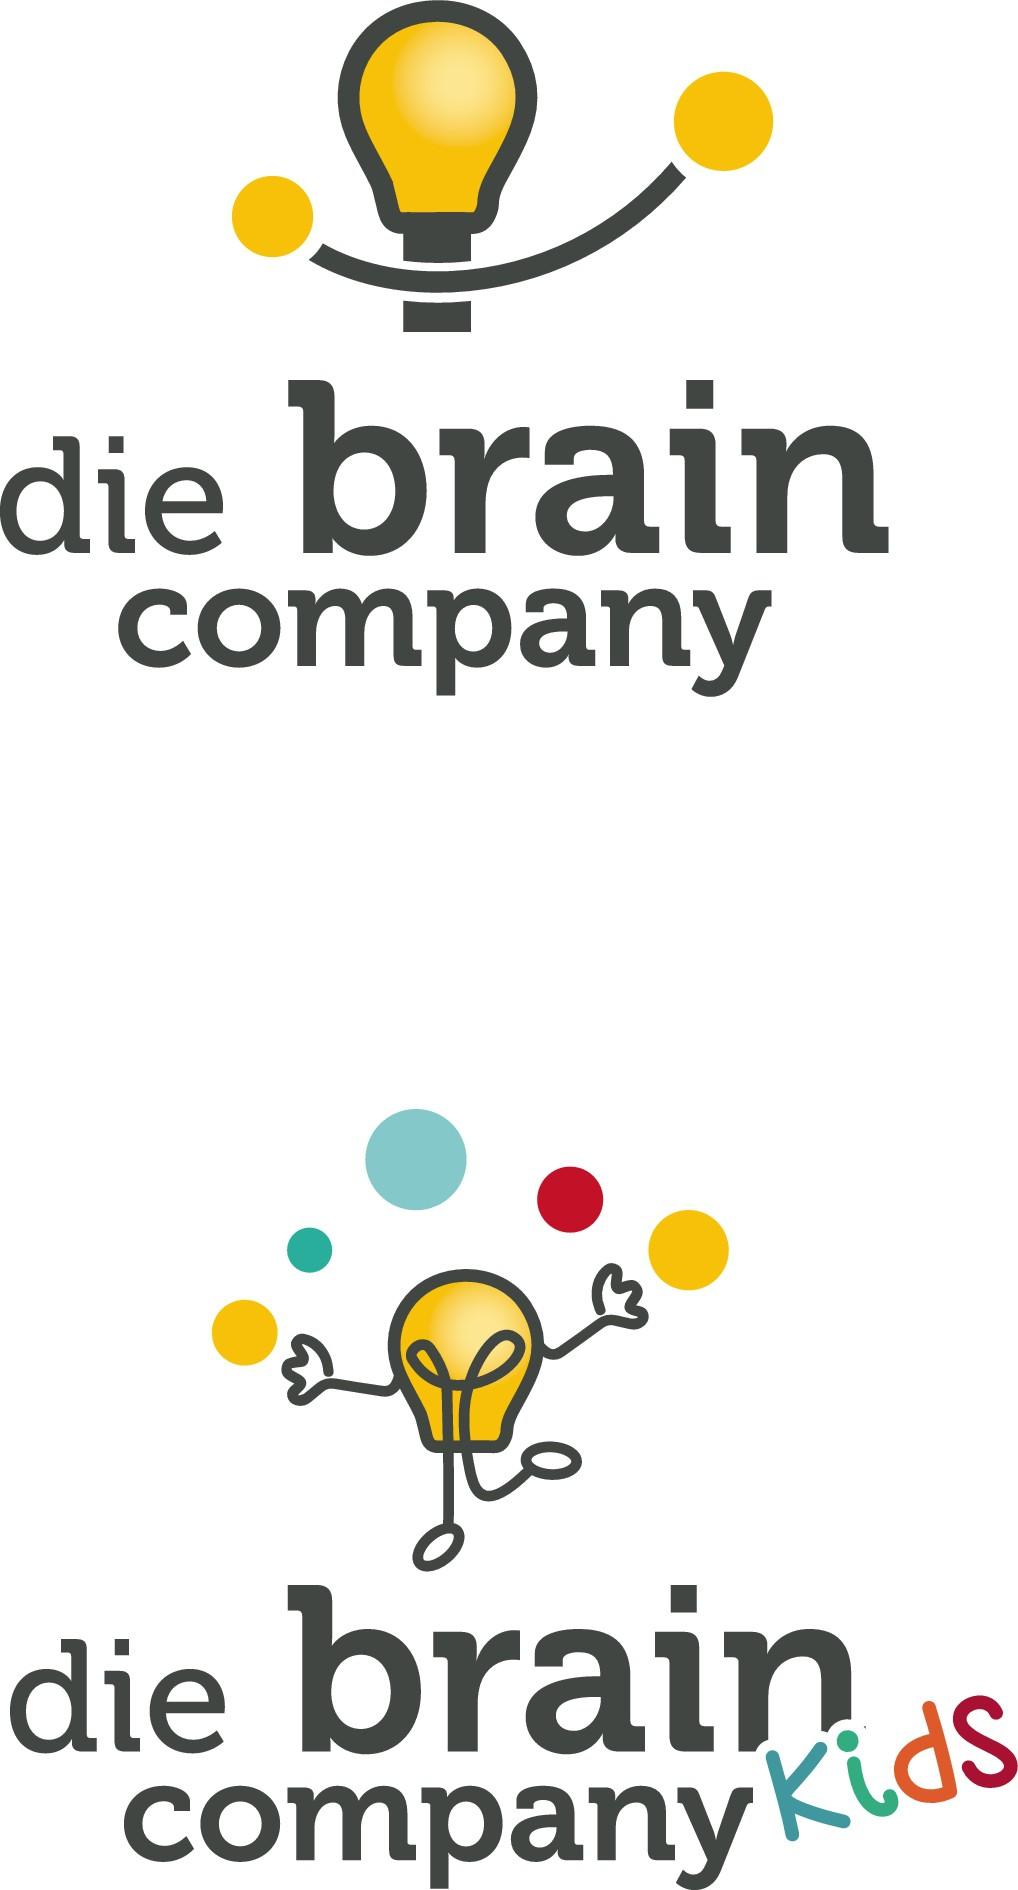 die braincompany braucht ein aussagekräftiges neues Logo!